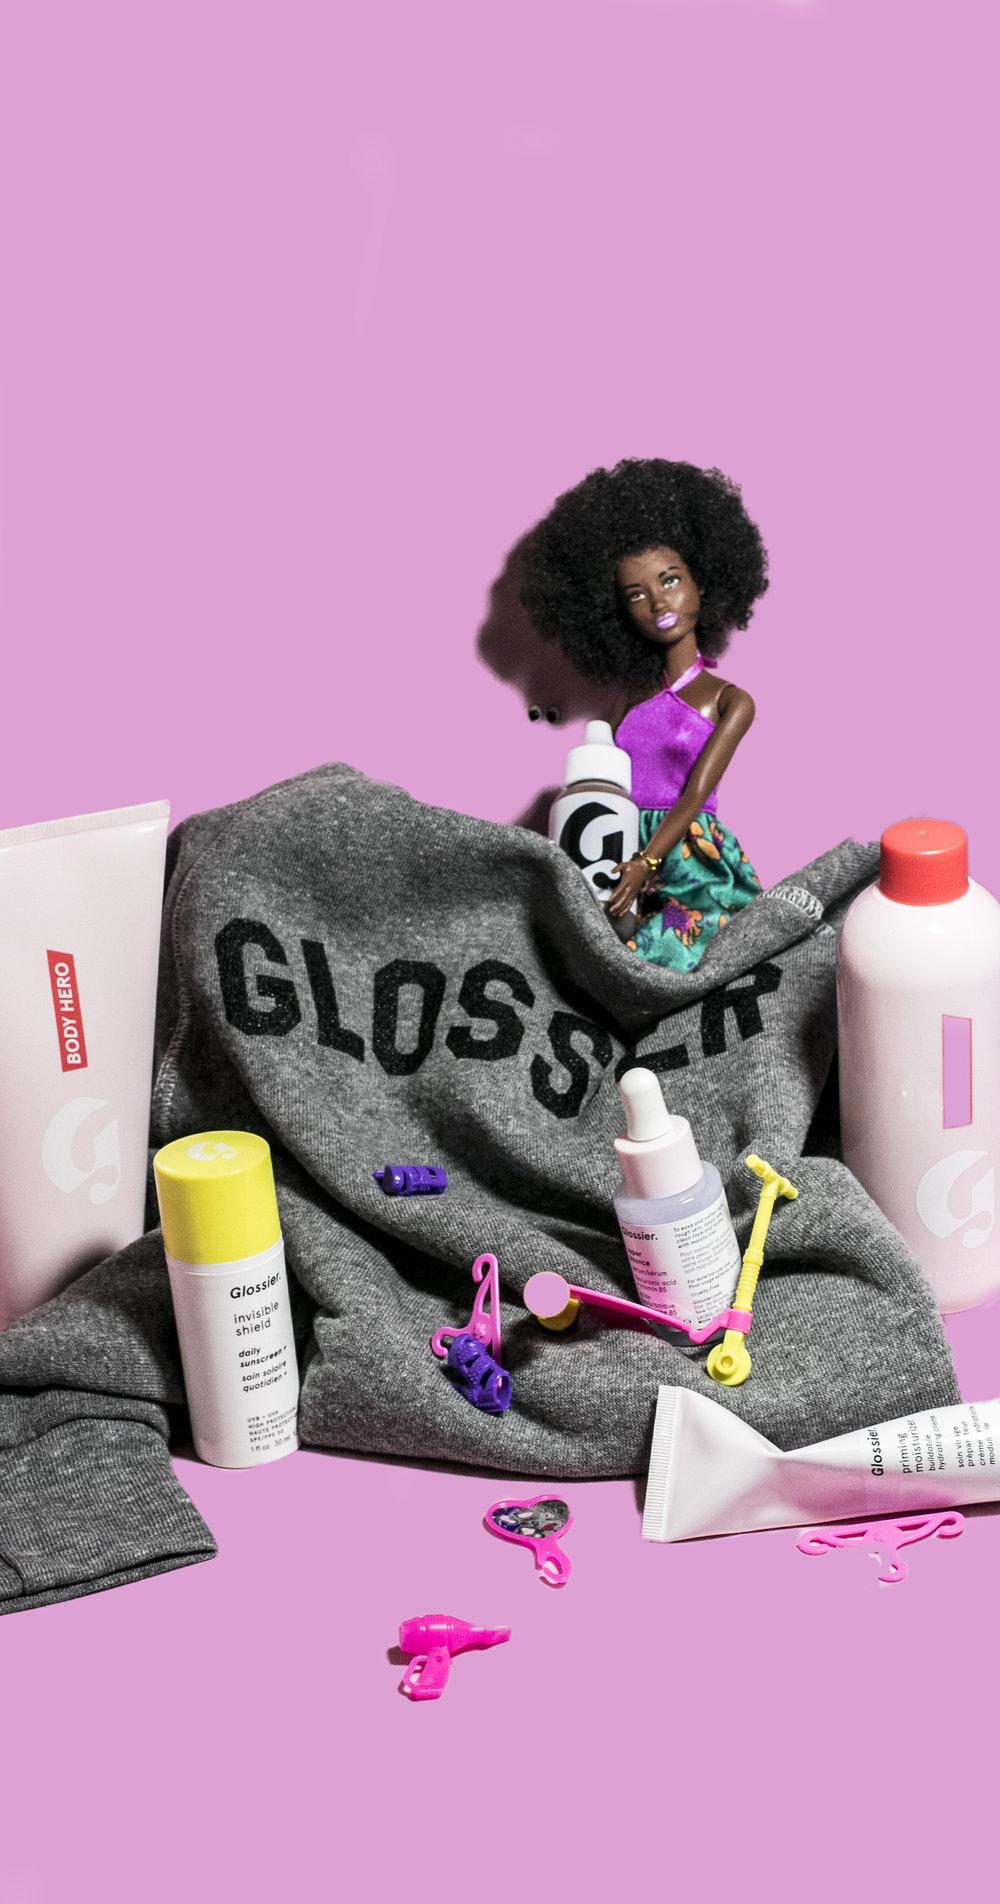 Glossier UK